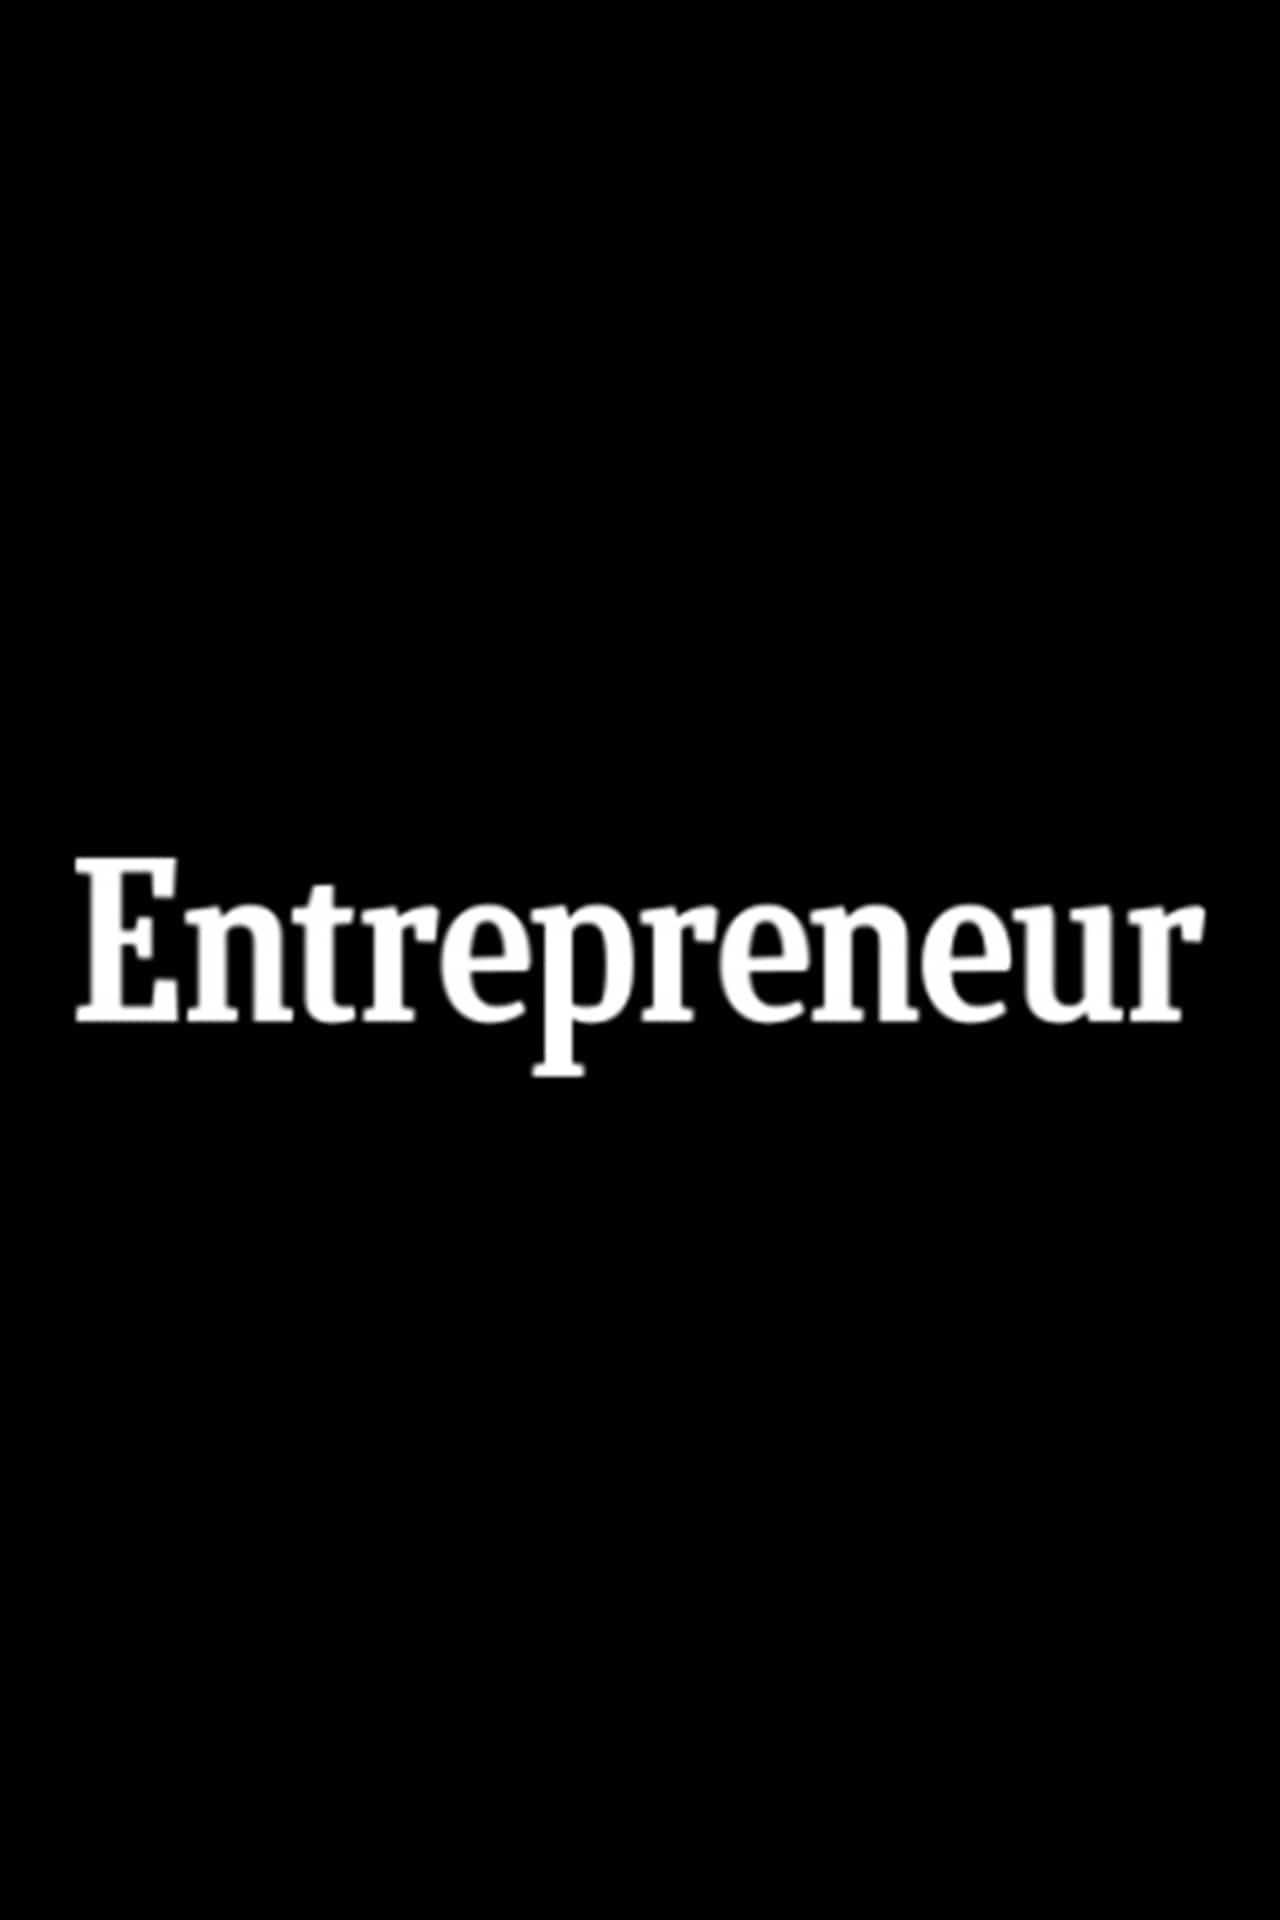 Marketers su entrepreneur